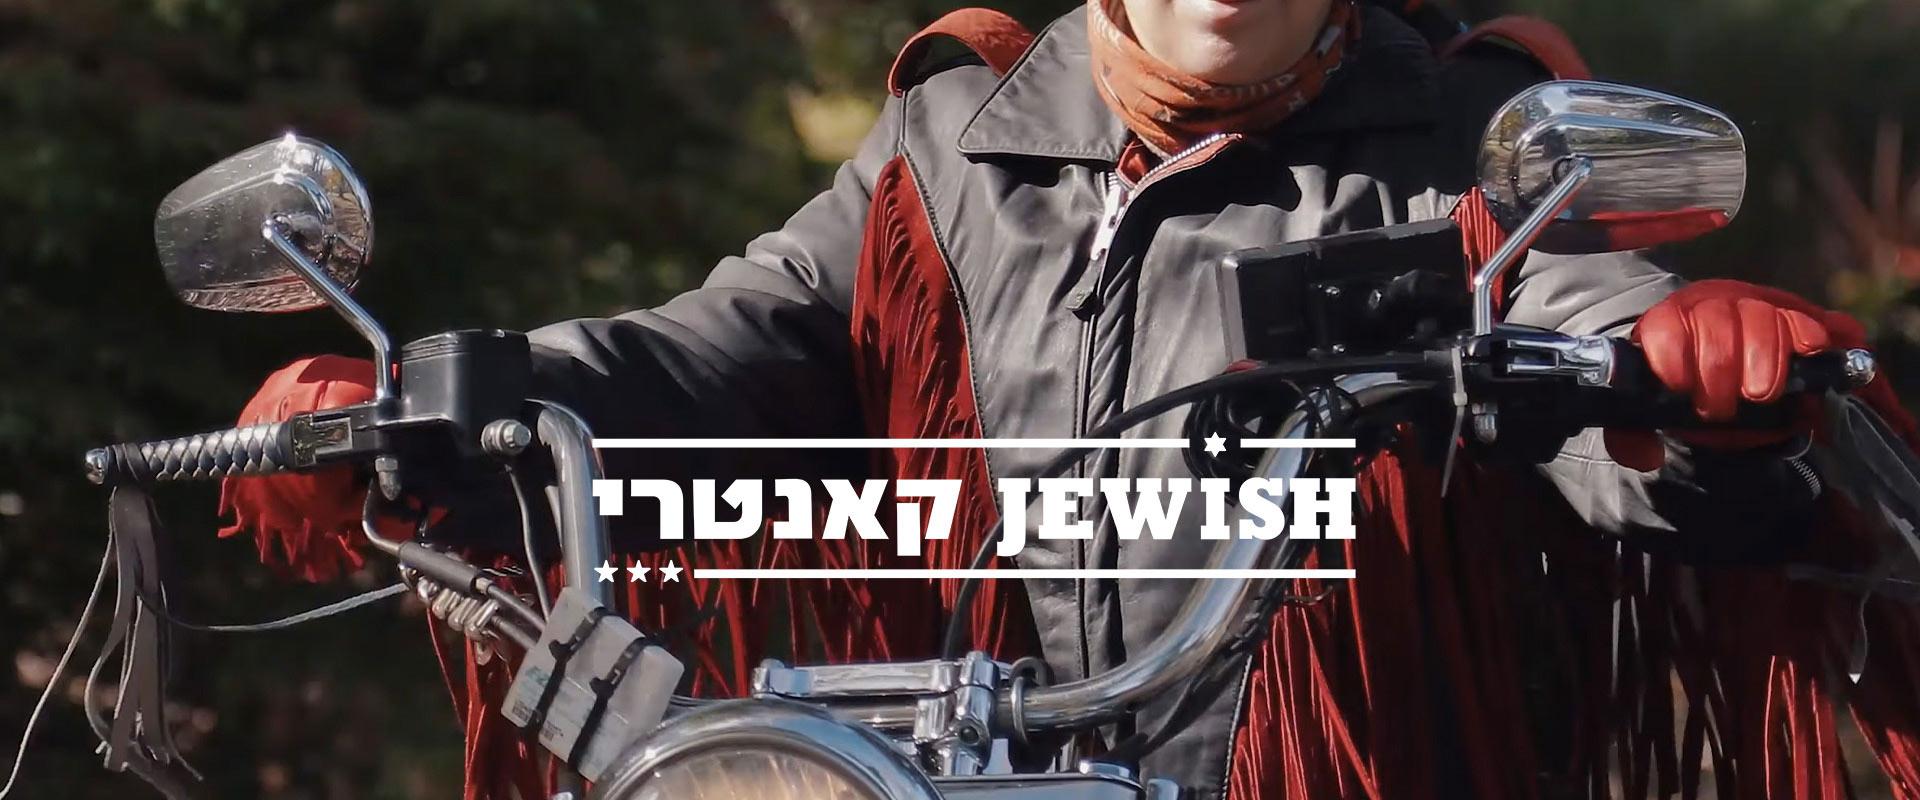 Jewish קאנטרי